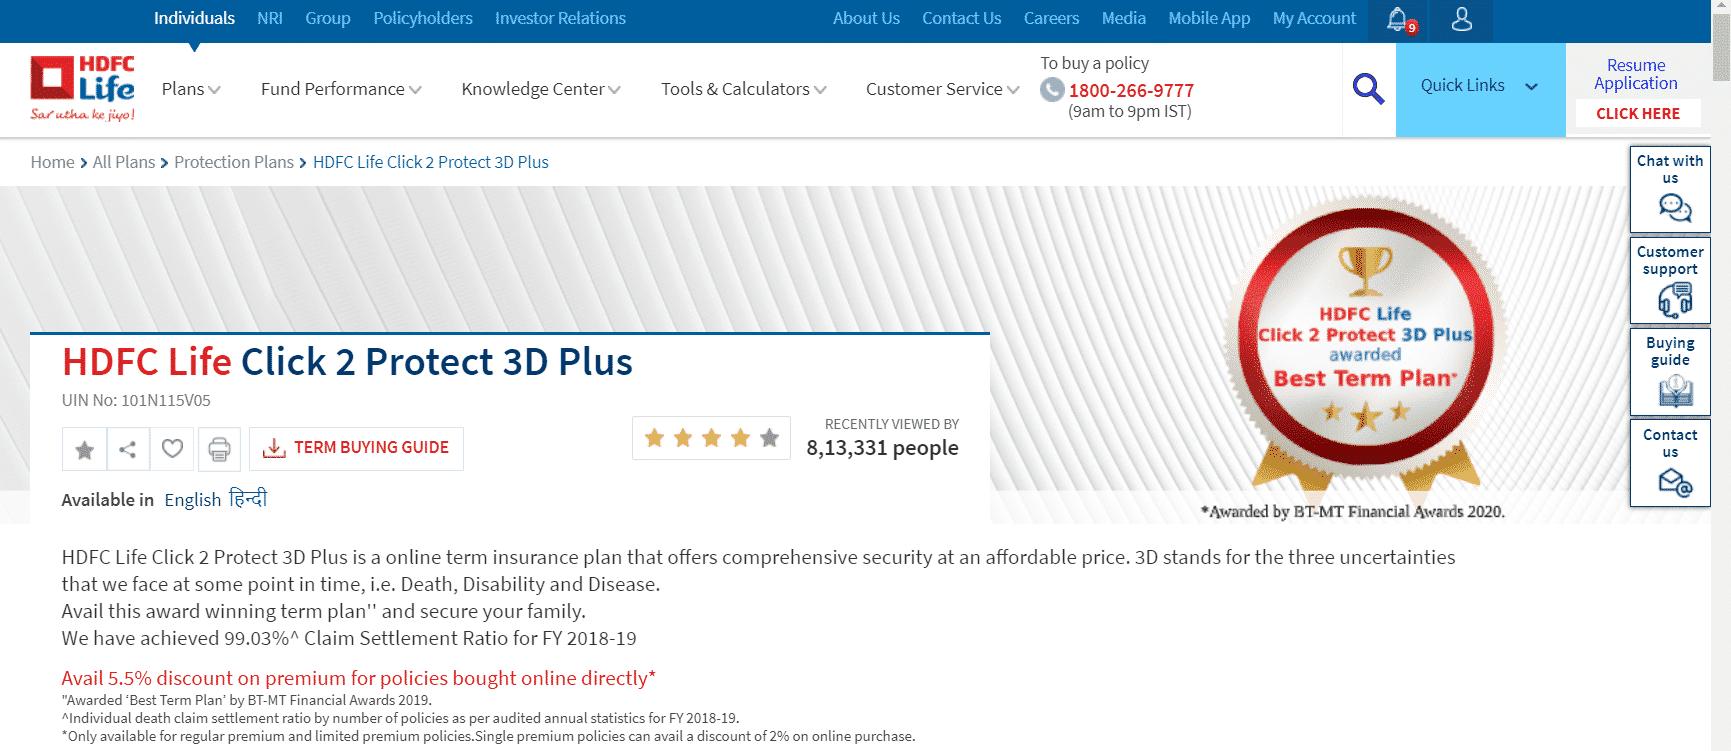 HDFC Life Click 2 Protect 3D Plus